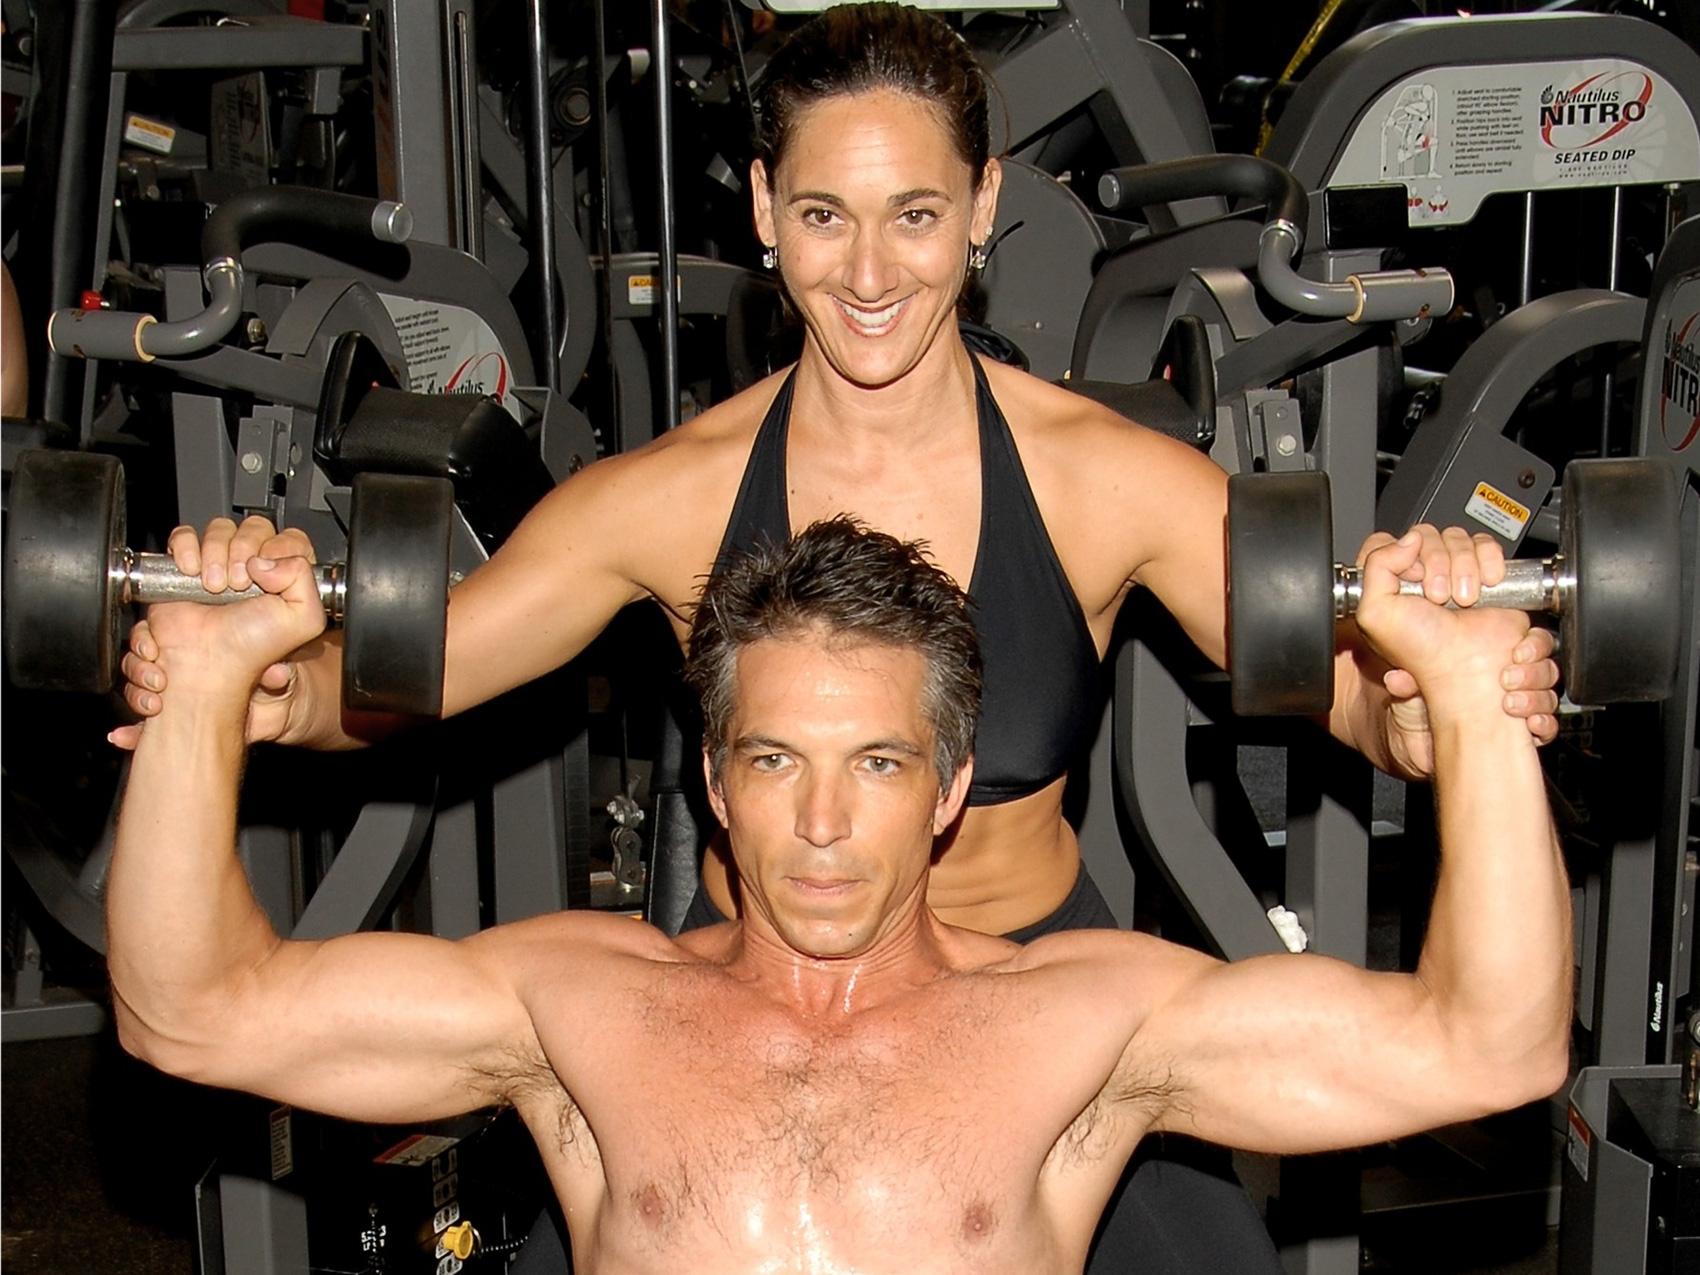 Sean-with-Carla-shoulder-presses.jpg